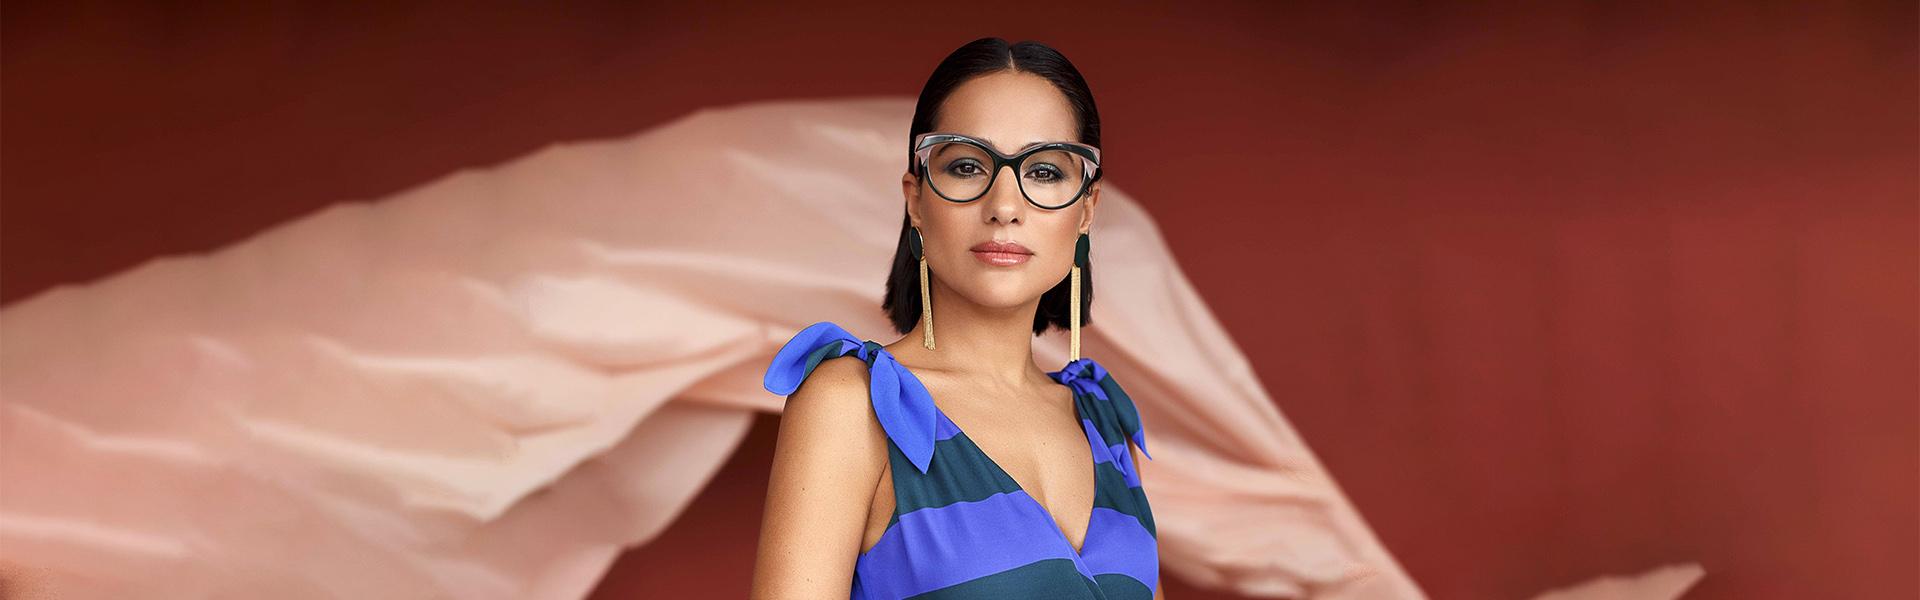 Caroline Abram, une collection de lunettes aux formes papillons et aux couleurs acidulées